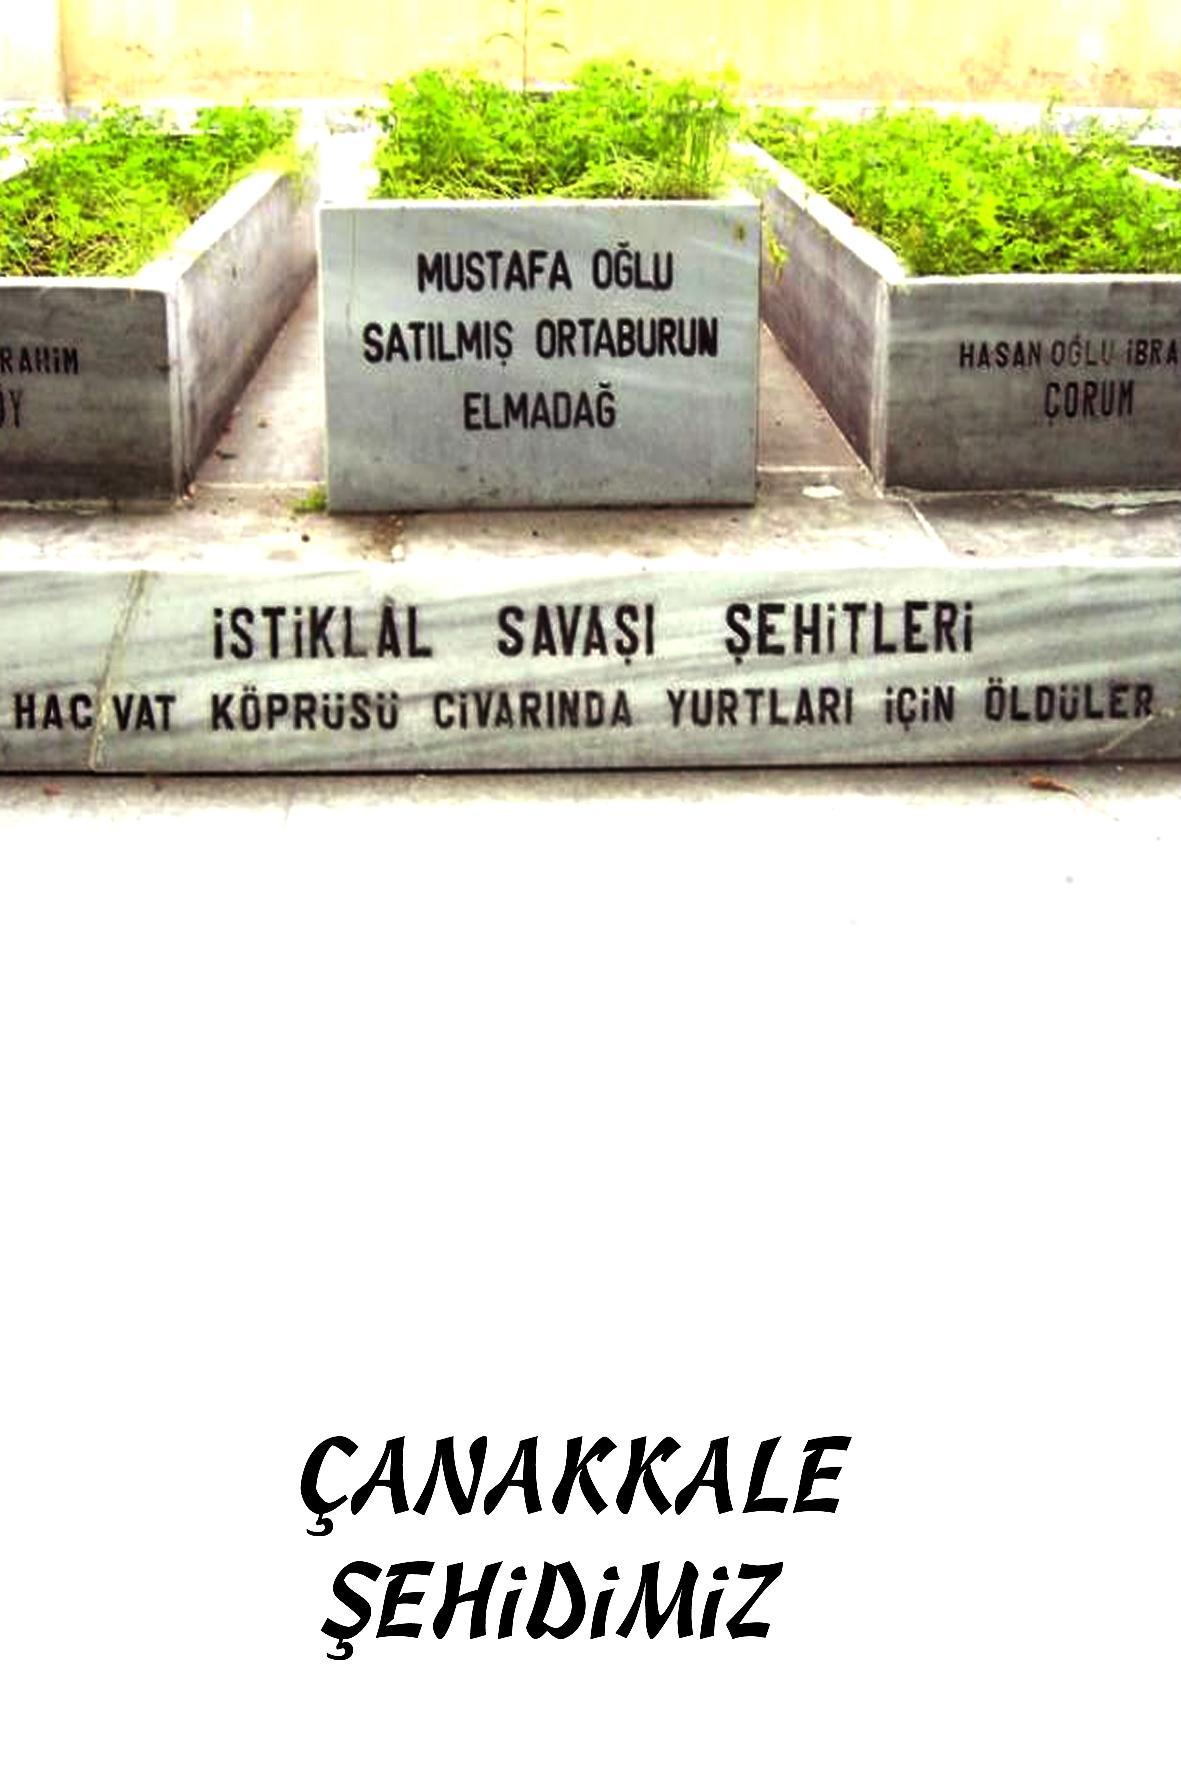 MUSTAFA OĞLU SATILMIŞ ORTABURUN